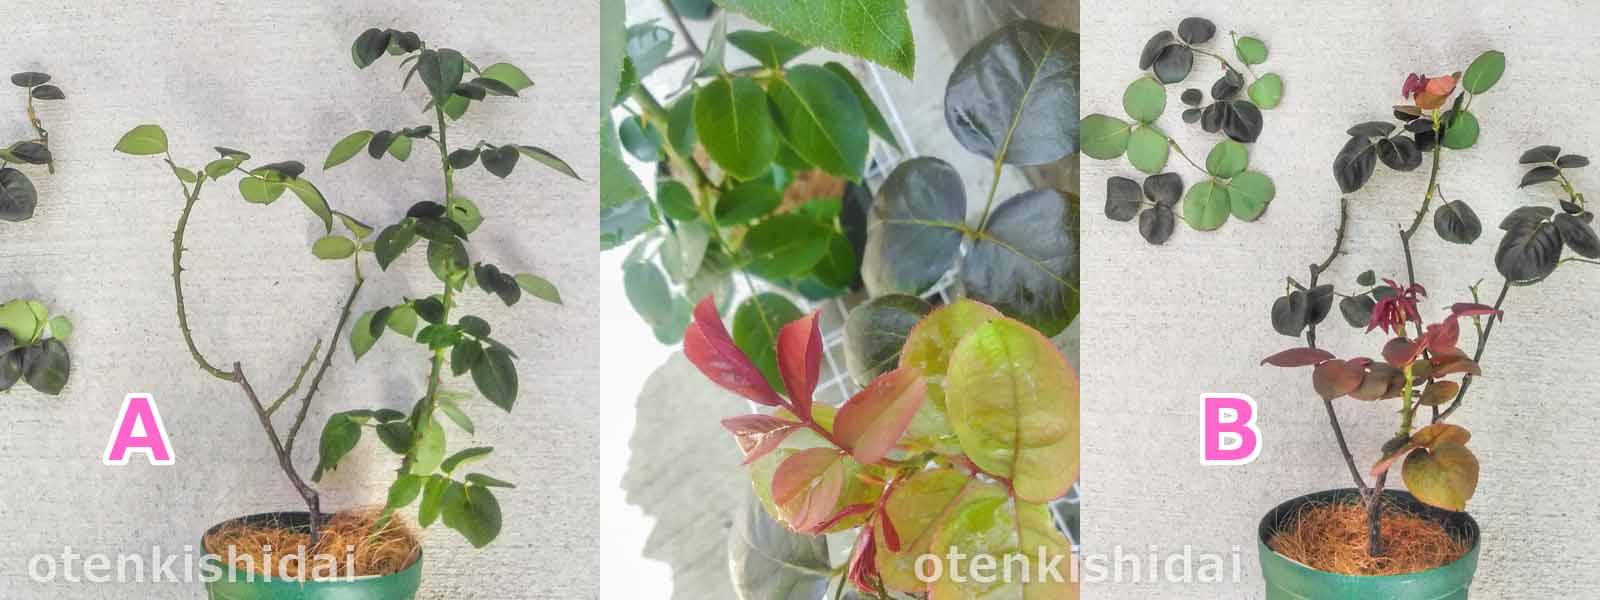 枝葉の手入れ01